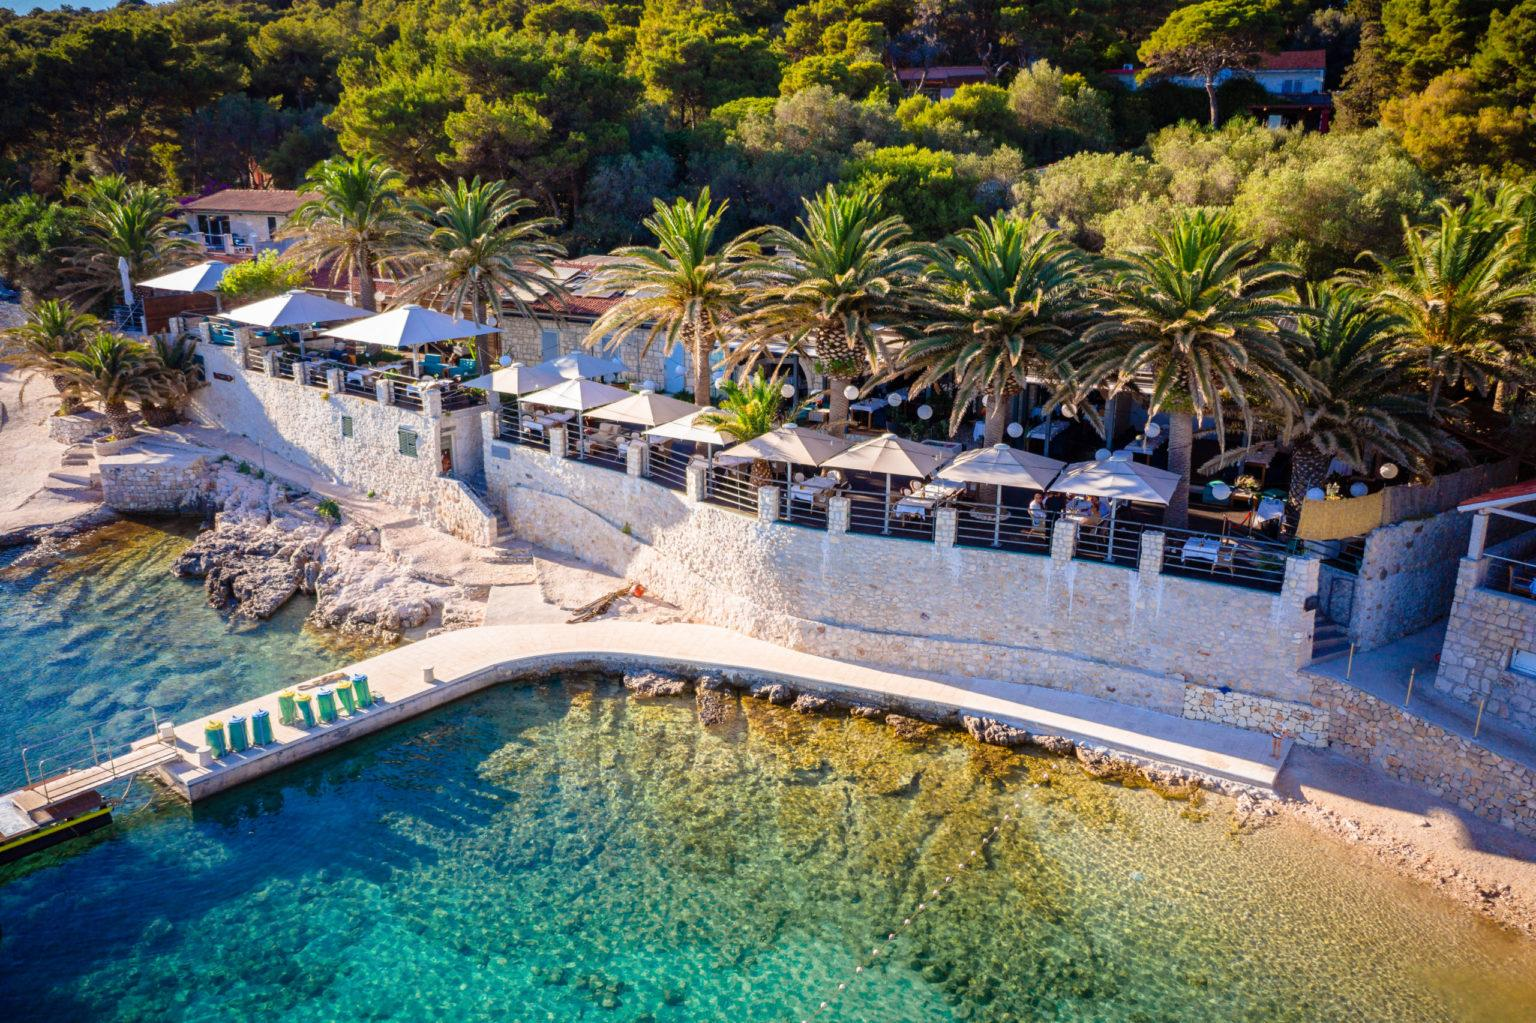 Beachclub Zori Heiraten Hochzeitslocation Dronen Hochzeit locatien am Meer highclass ausgezeichnetem Essen